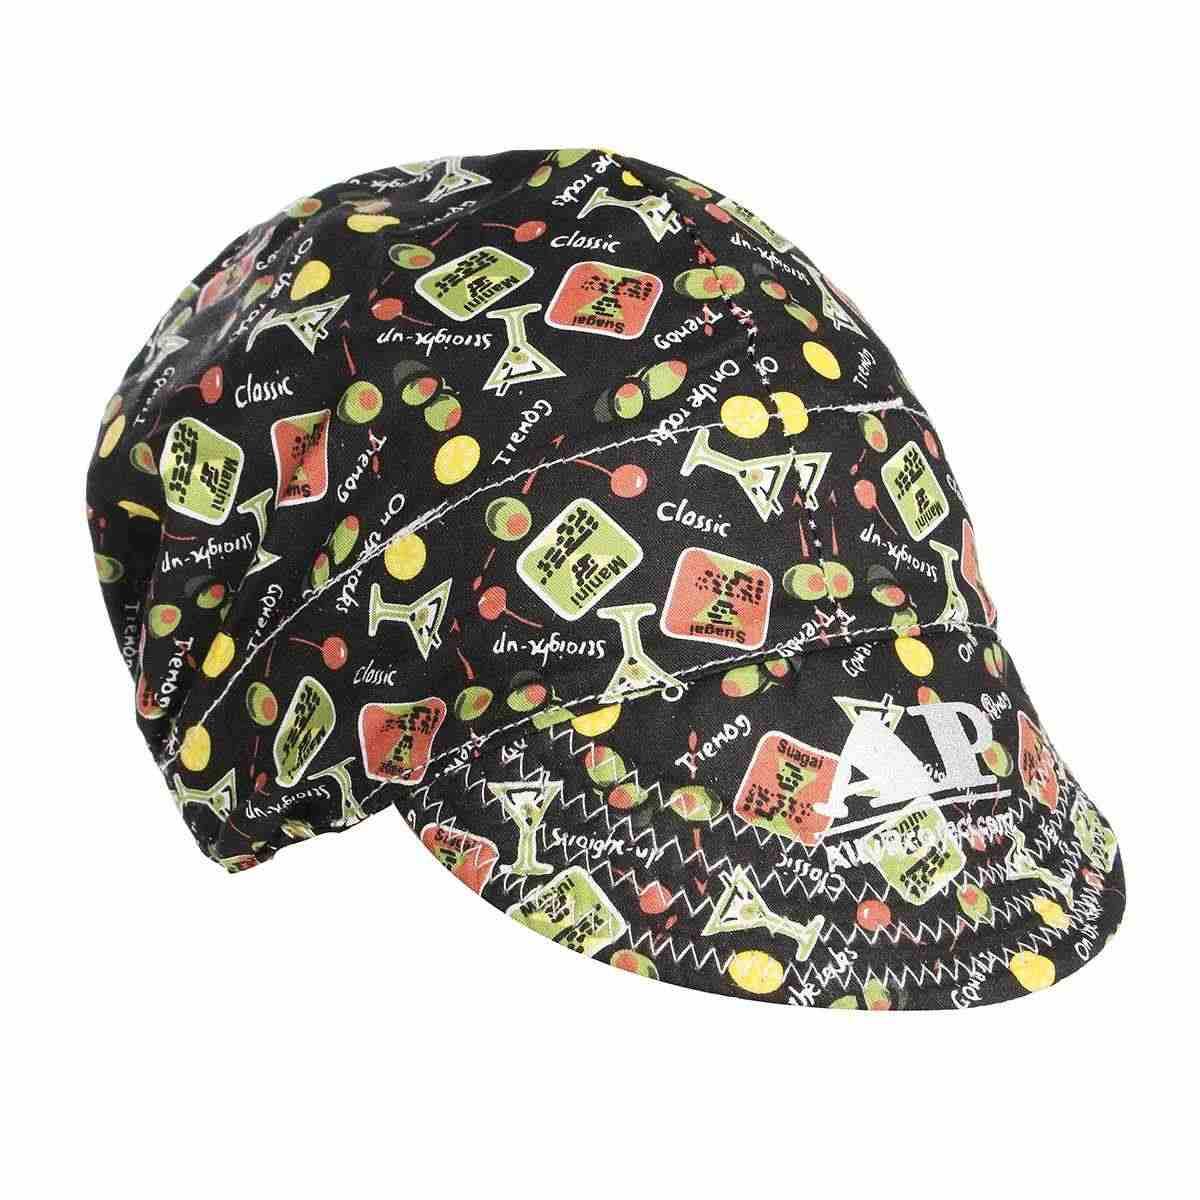 ยืดหยุ่นเชื่อมหมวกดูดซับเหงื่อเครื่องเชื่อมหมวกป้องกันหมวกเปลวไฟหัวป้องกัน Hoods 7 รูปทรง